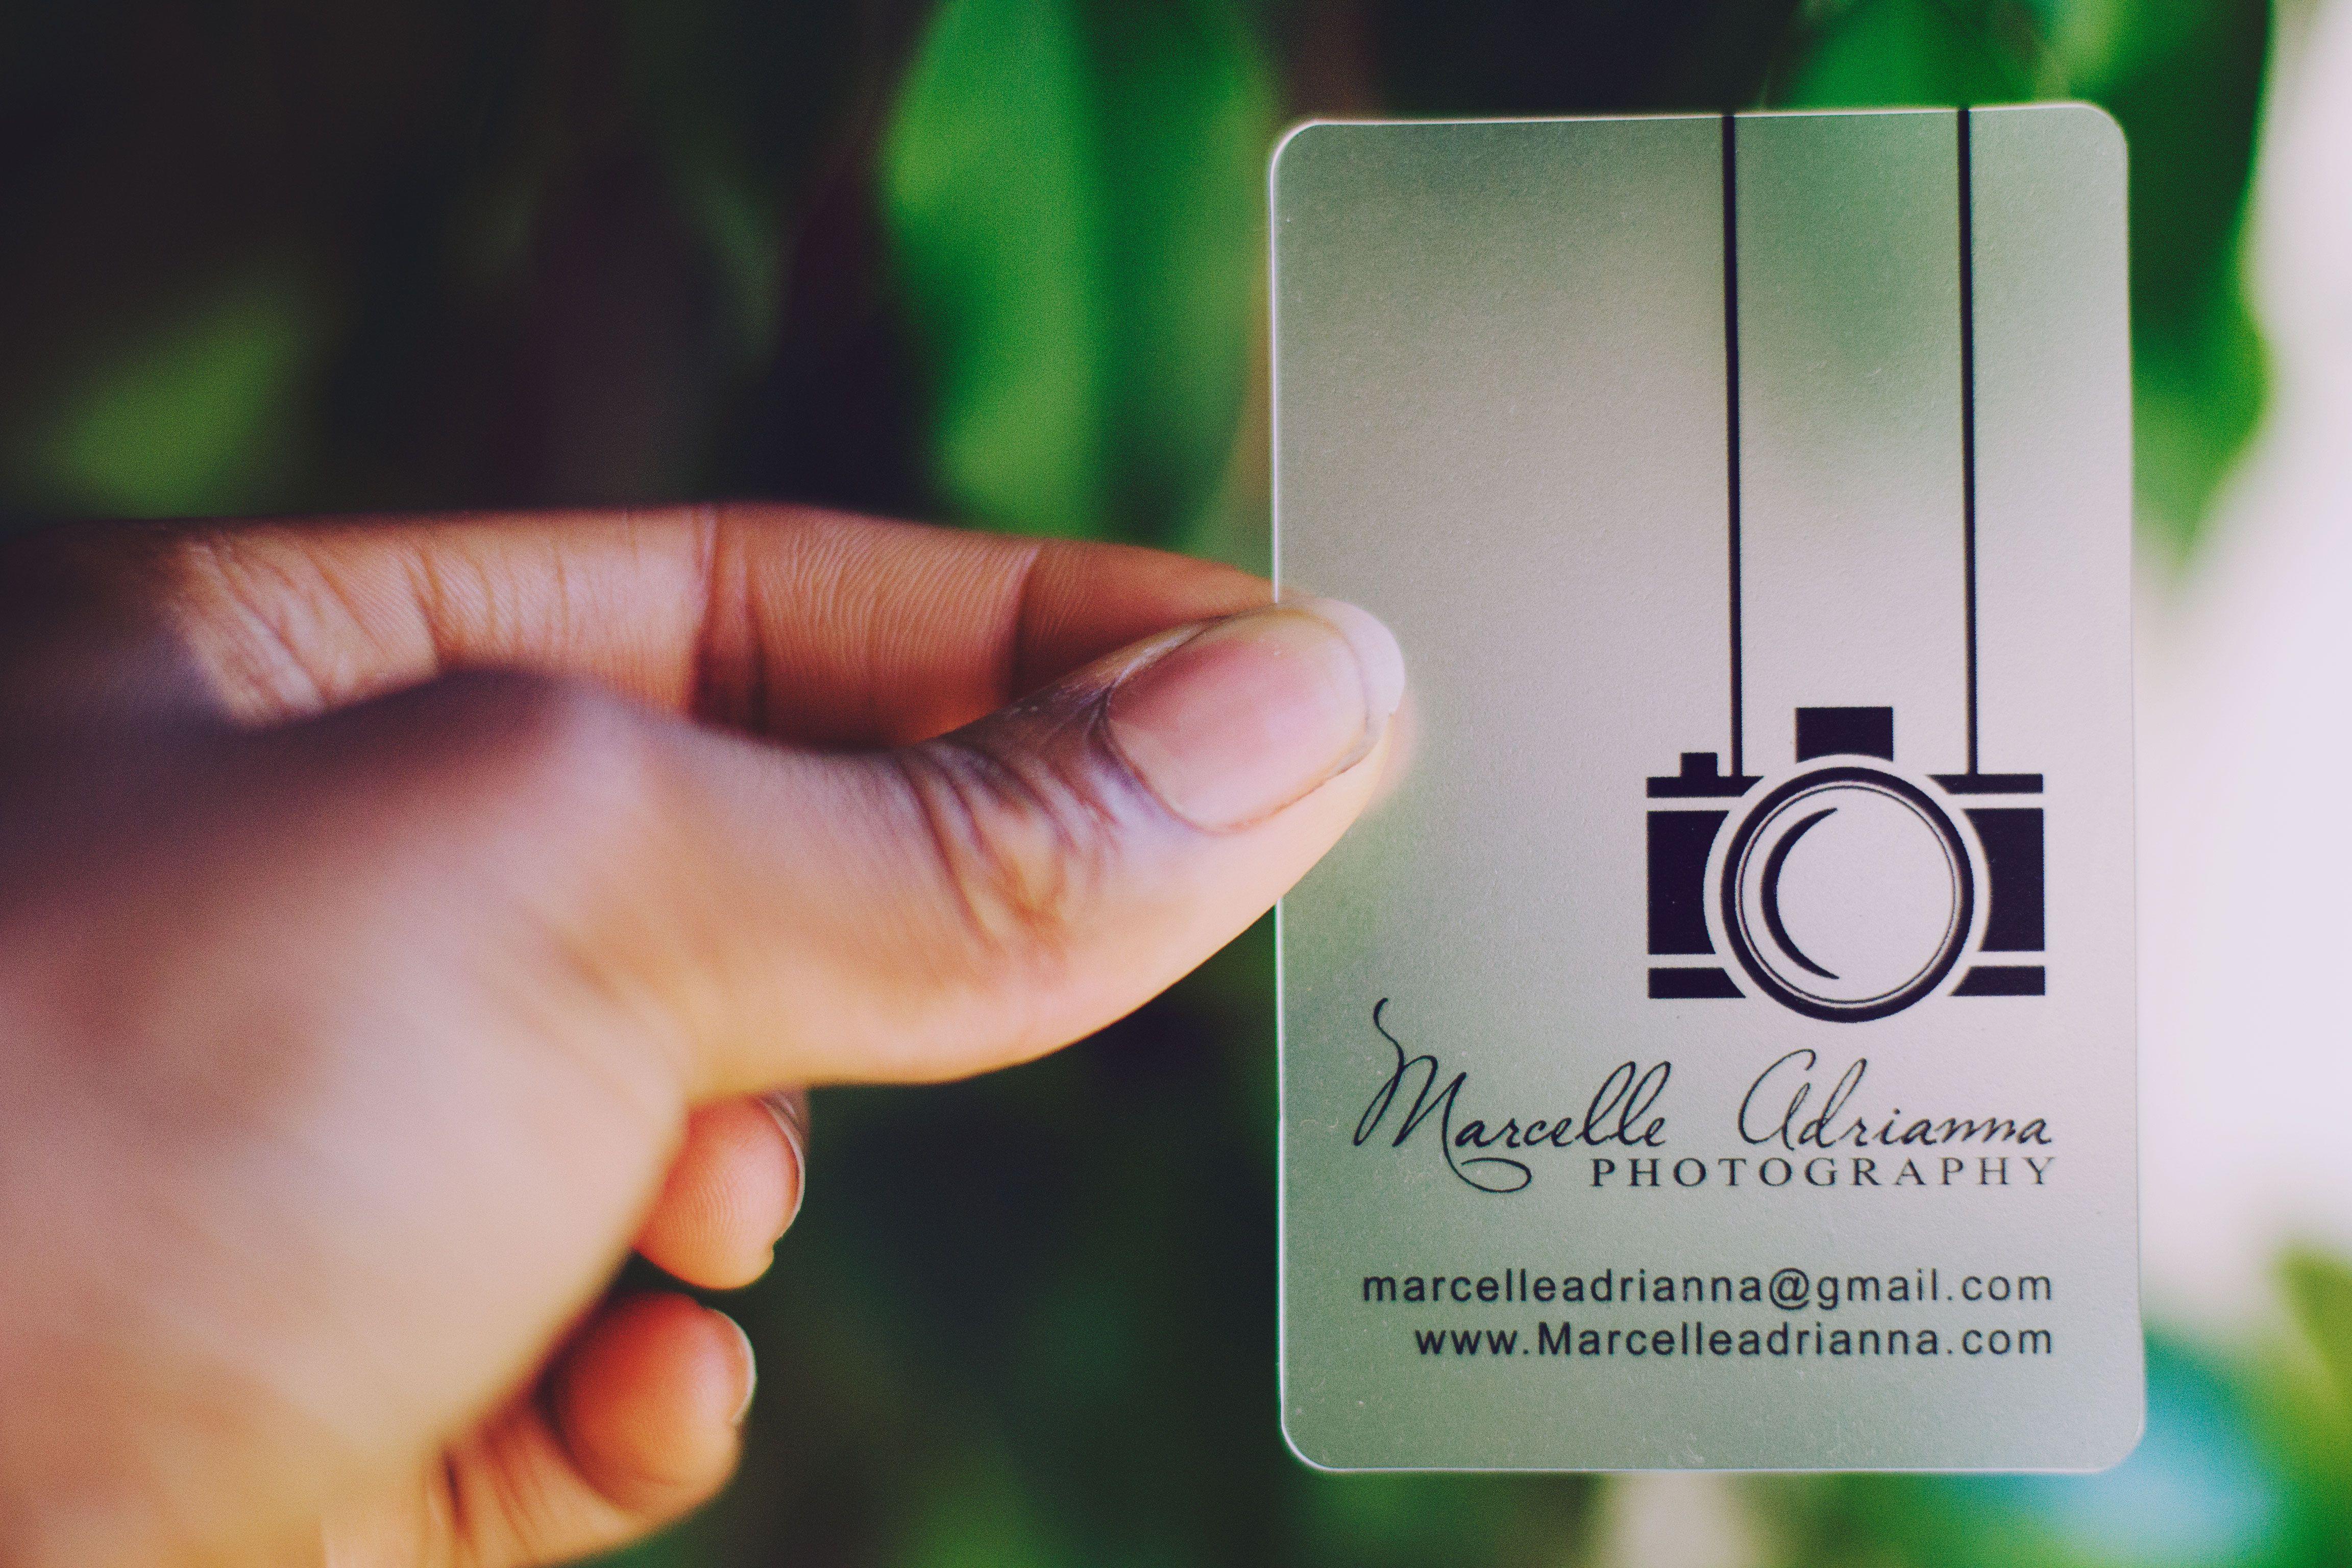 шаблоны визитных карточек для фотографа лофт